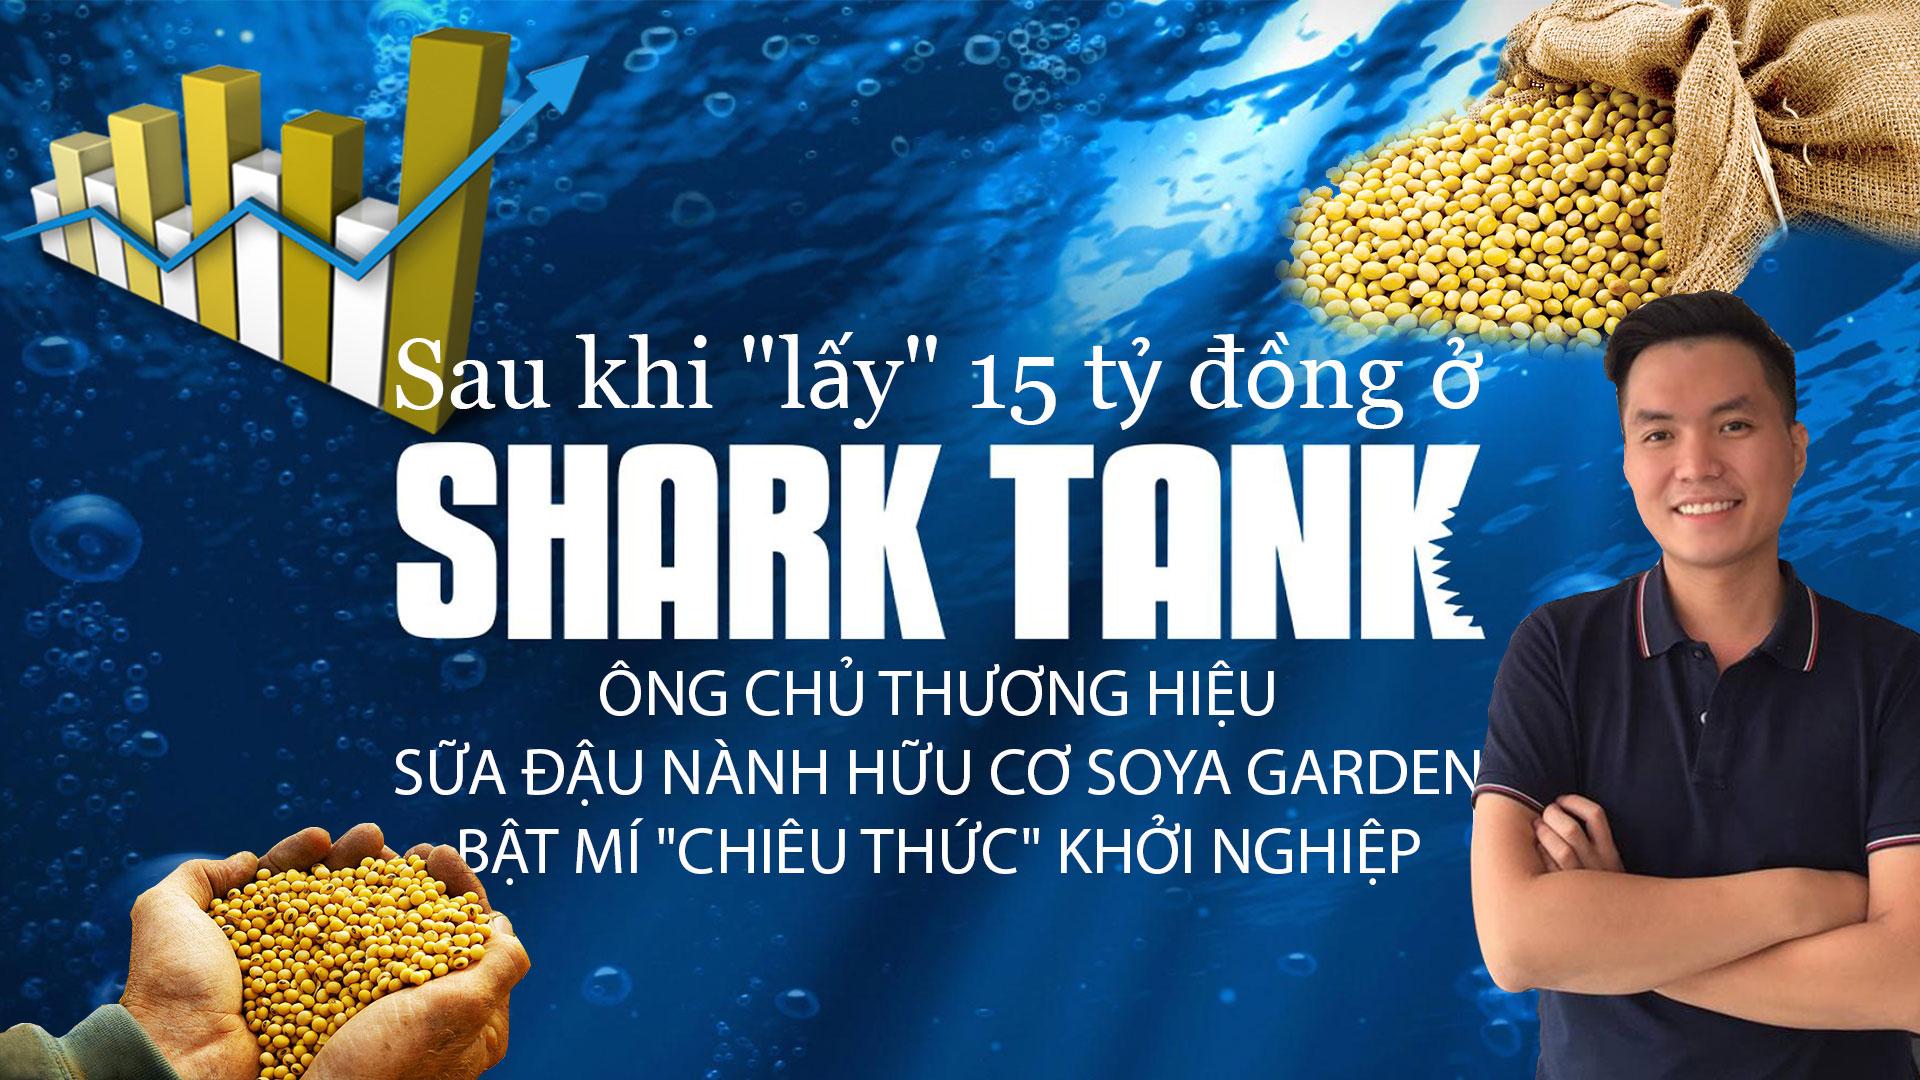 """Sau khi """"lấy"""" 15 tỷ đồng ở Shark Tank, ông chủ thương hiệu sữa đậu nành hữu cơ Soya Garden bật mí """"chiêu thức"""" khởi nghiệp"""